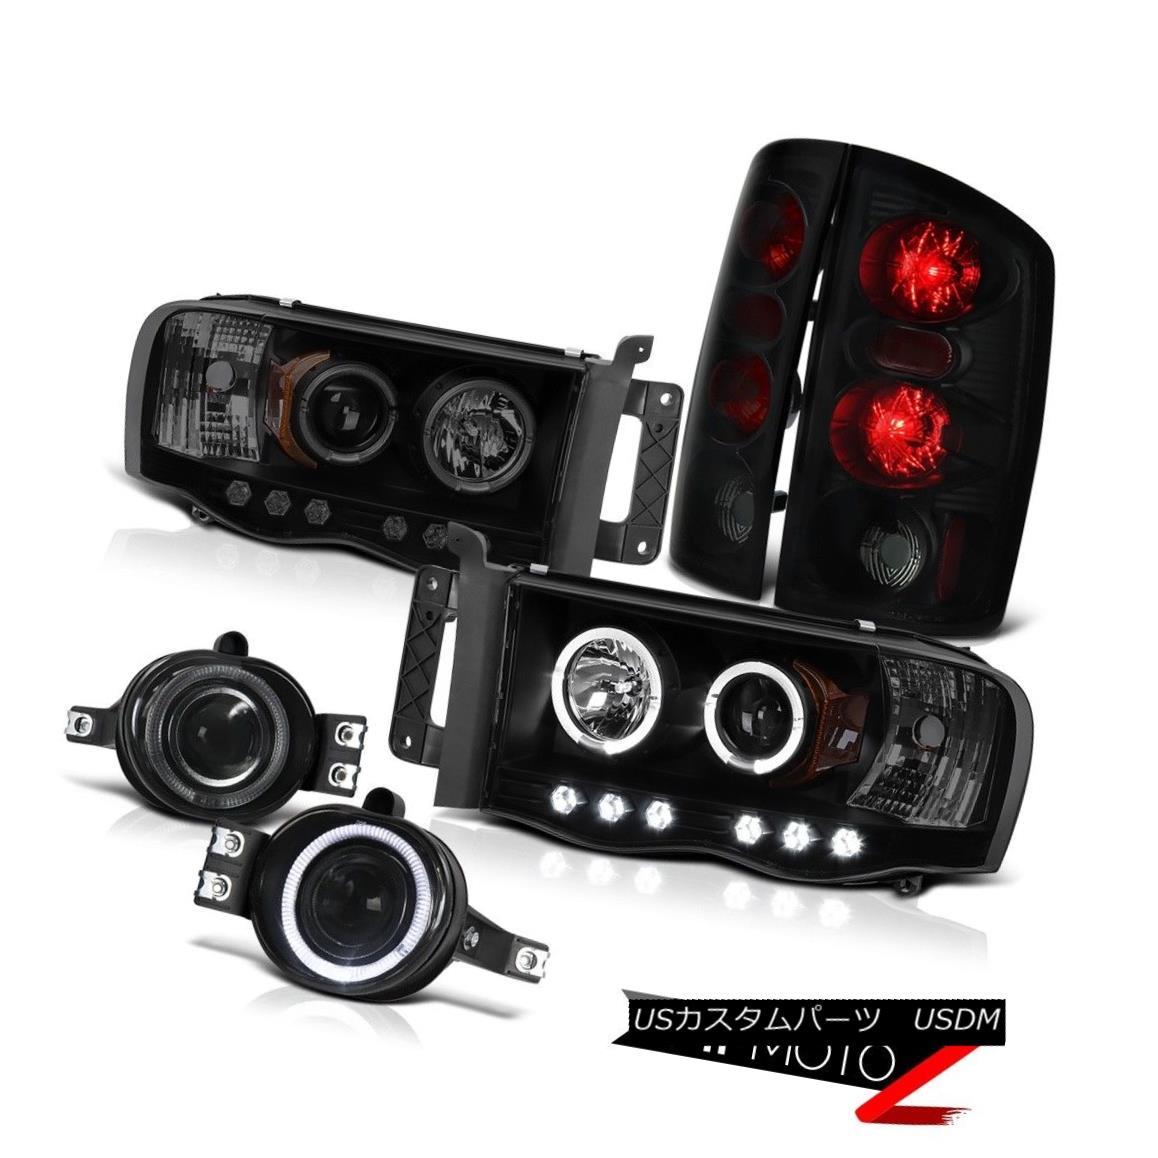 ヘッドライト 2002-2005 Dodge Ram SLT Projector Dark Angel Eye Headlight Sinister Black Tail 2002-2005ダッジ・ラムSLTプロジェクターダーク・エンジェル・アイヘッドライト・シニスター・ブラック・テール画像